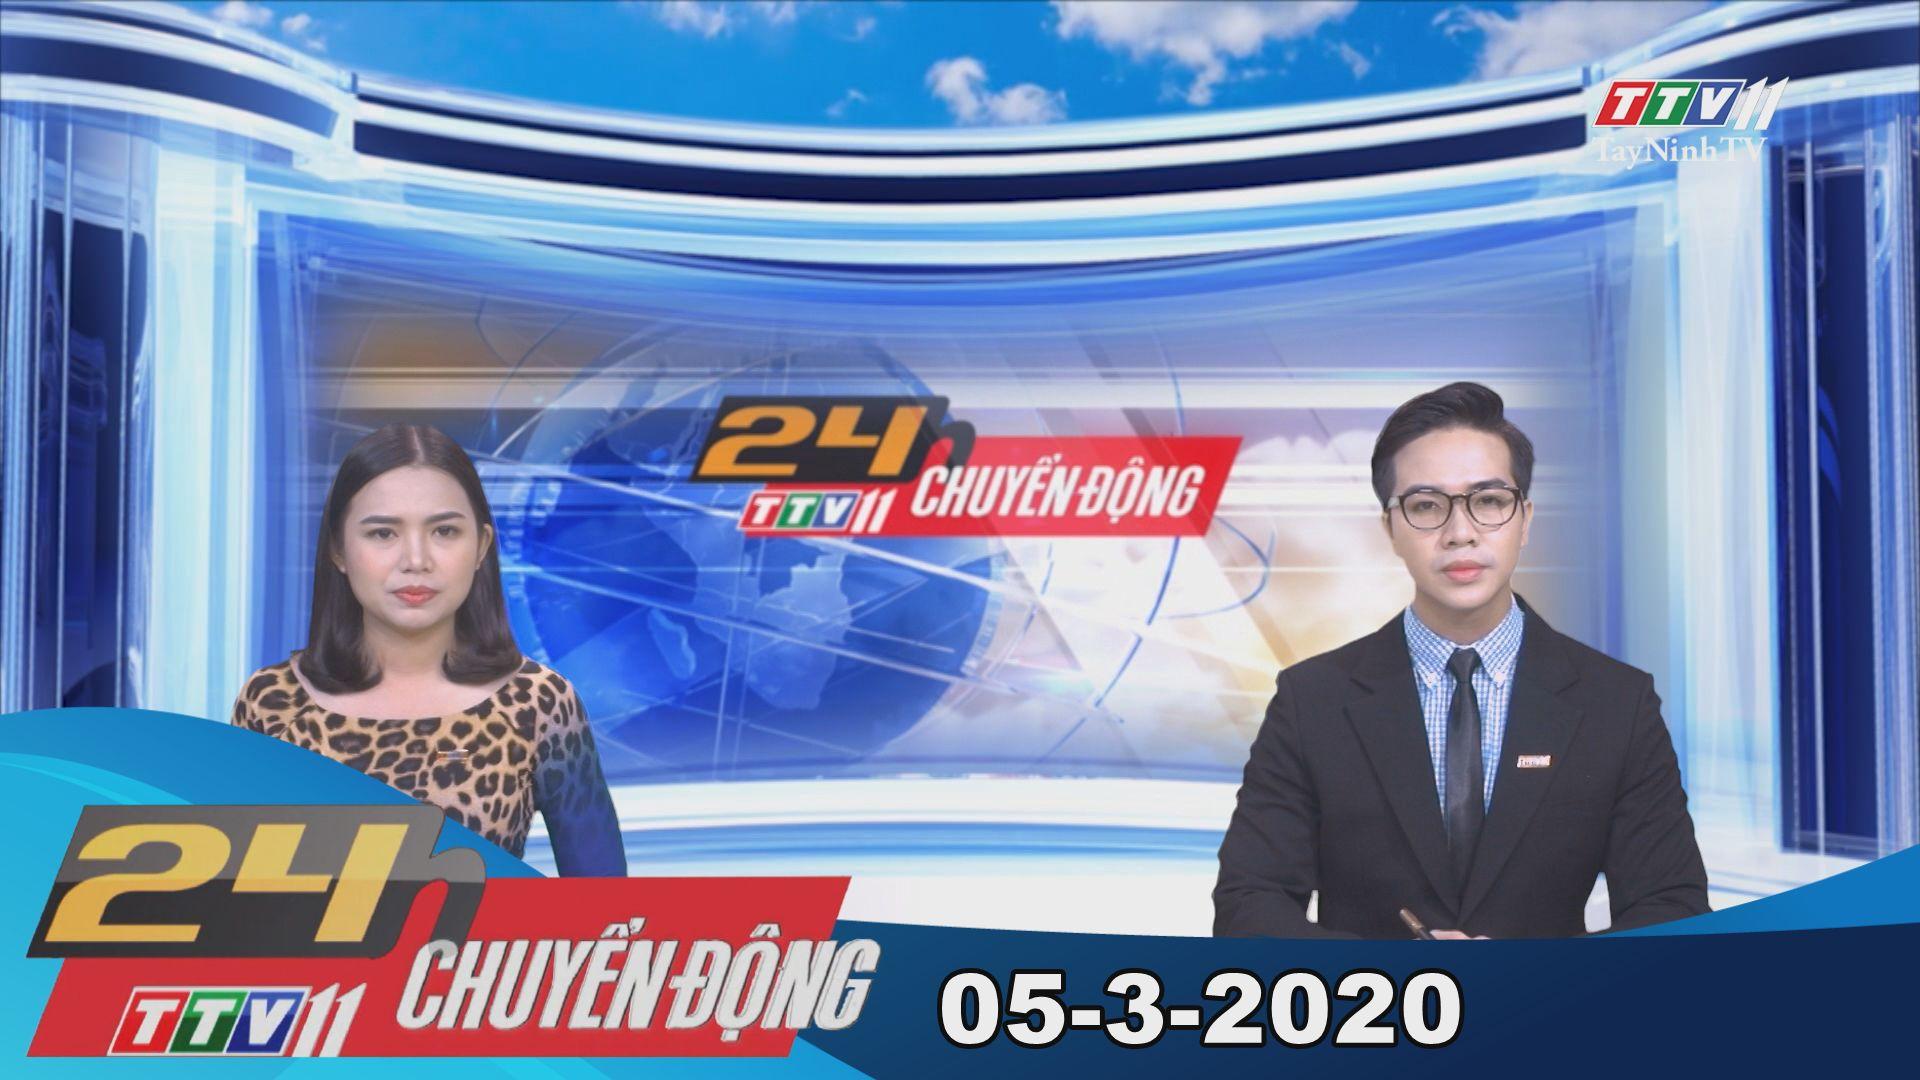 24h Chuyển động 05-3-2020 | Tin tức hôm nay | TayNinhTV